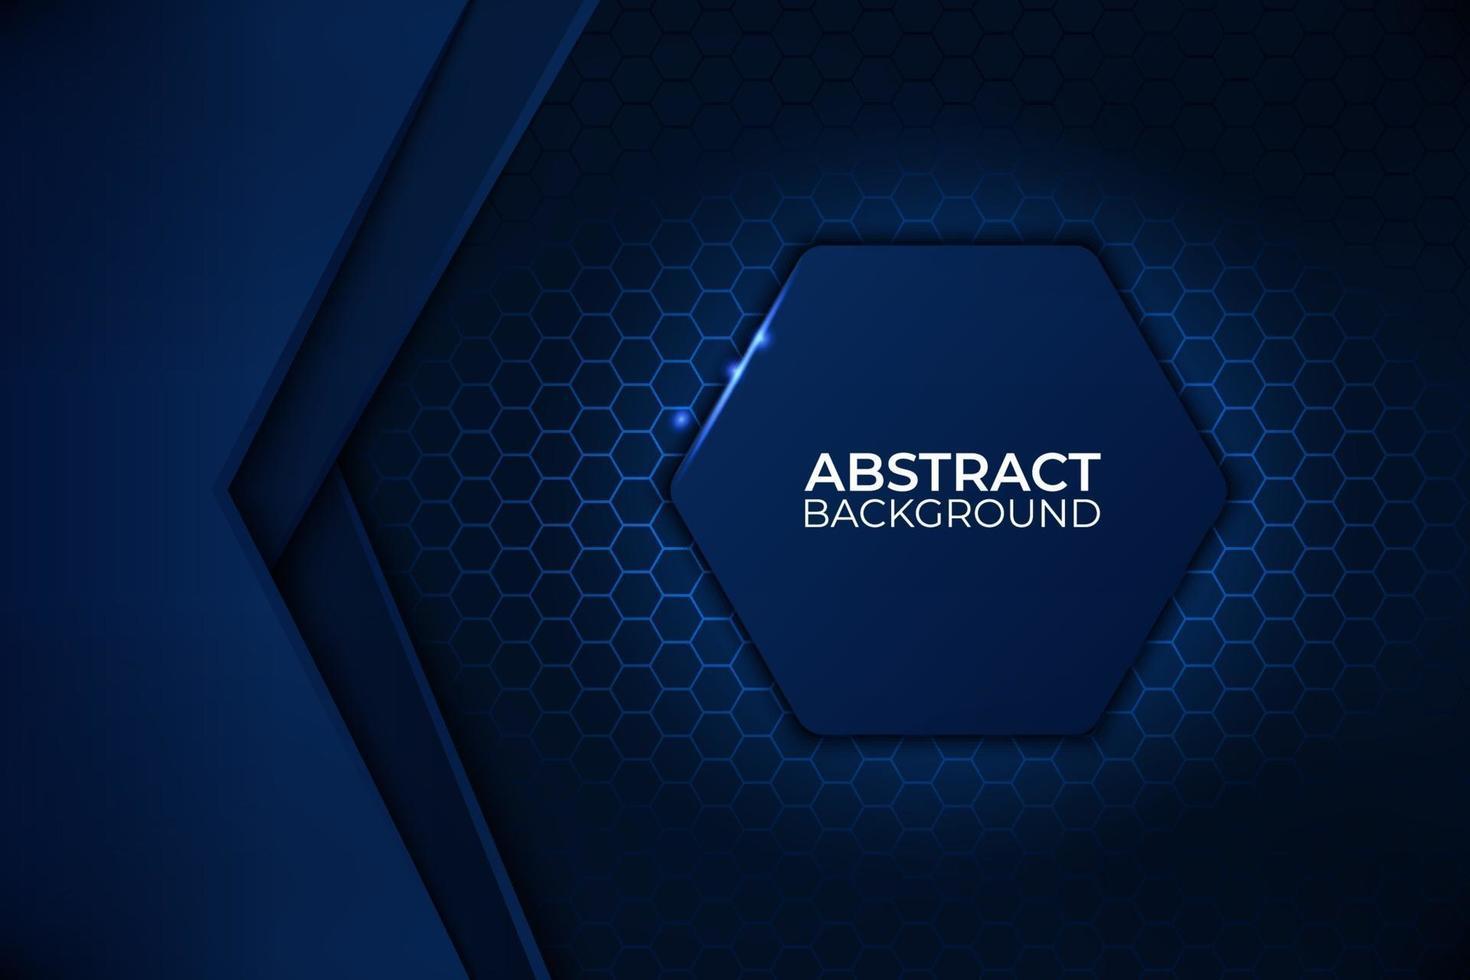 zwart en blauw abstract ontwerp als achtergrond, technologie zakelijke sjabloon. vector